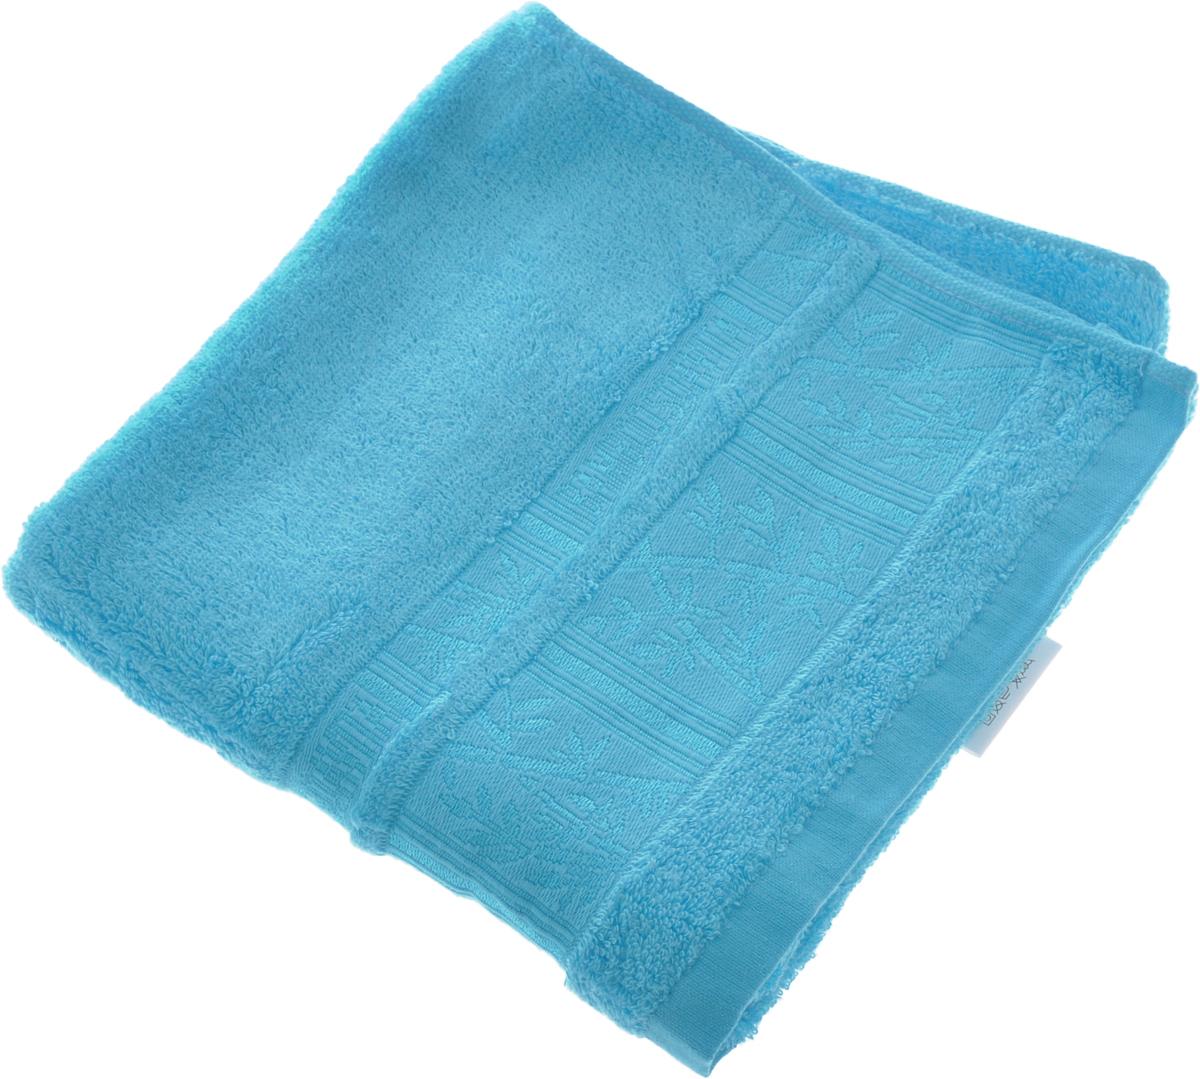 Полотенце Soavita Sofia, цвет: голубой, 50 х 90 см12723Полотенце Soavita Sofia выполнено из 100% бамбукового волокна. Изделие отлично впитывает влагу, быстро сохнет, сохраняет яркость цвета и не теряет форму даже после многократных стирок. Полотенце очень практично и неприхотливо в уходе. Оно создаст прекрасное настроение и украсит интерьер в ванной комнате.